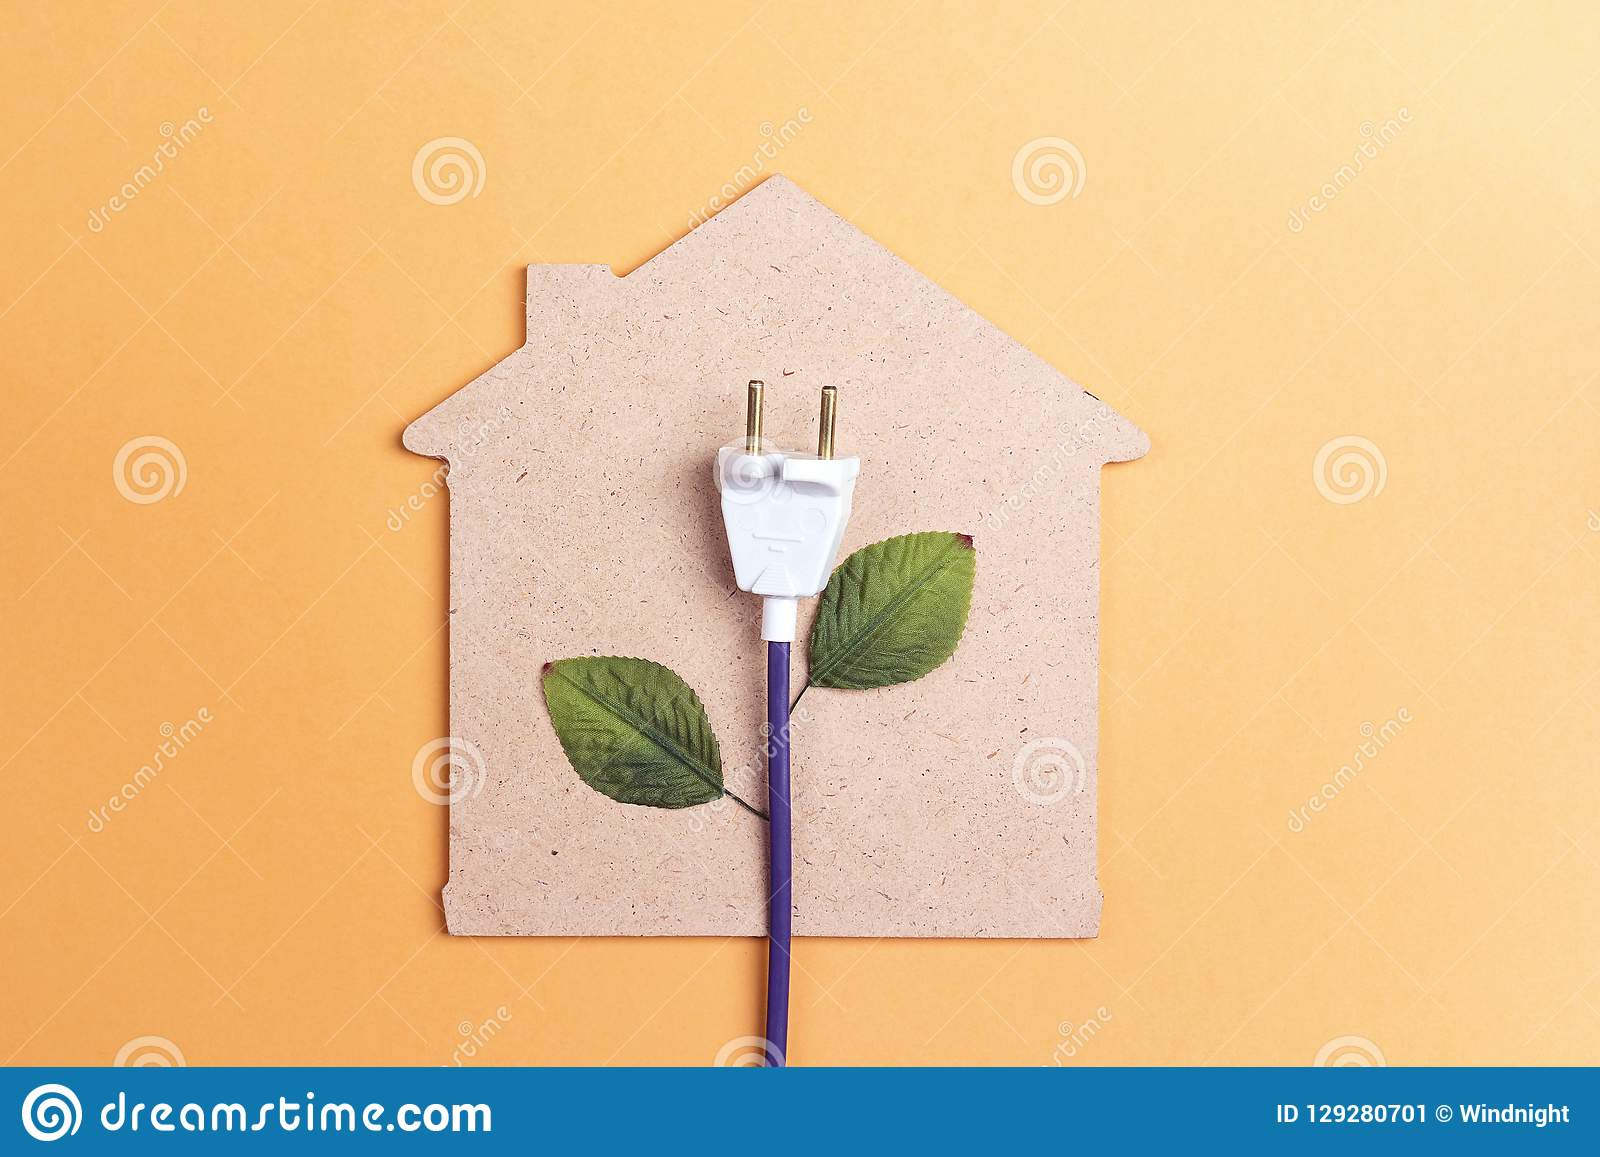 Haussymbol mit Stecker mögen eine Anlage Außer Energiekonzept